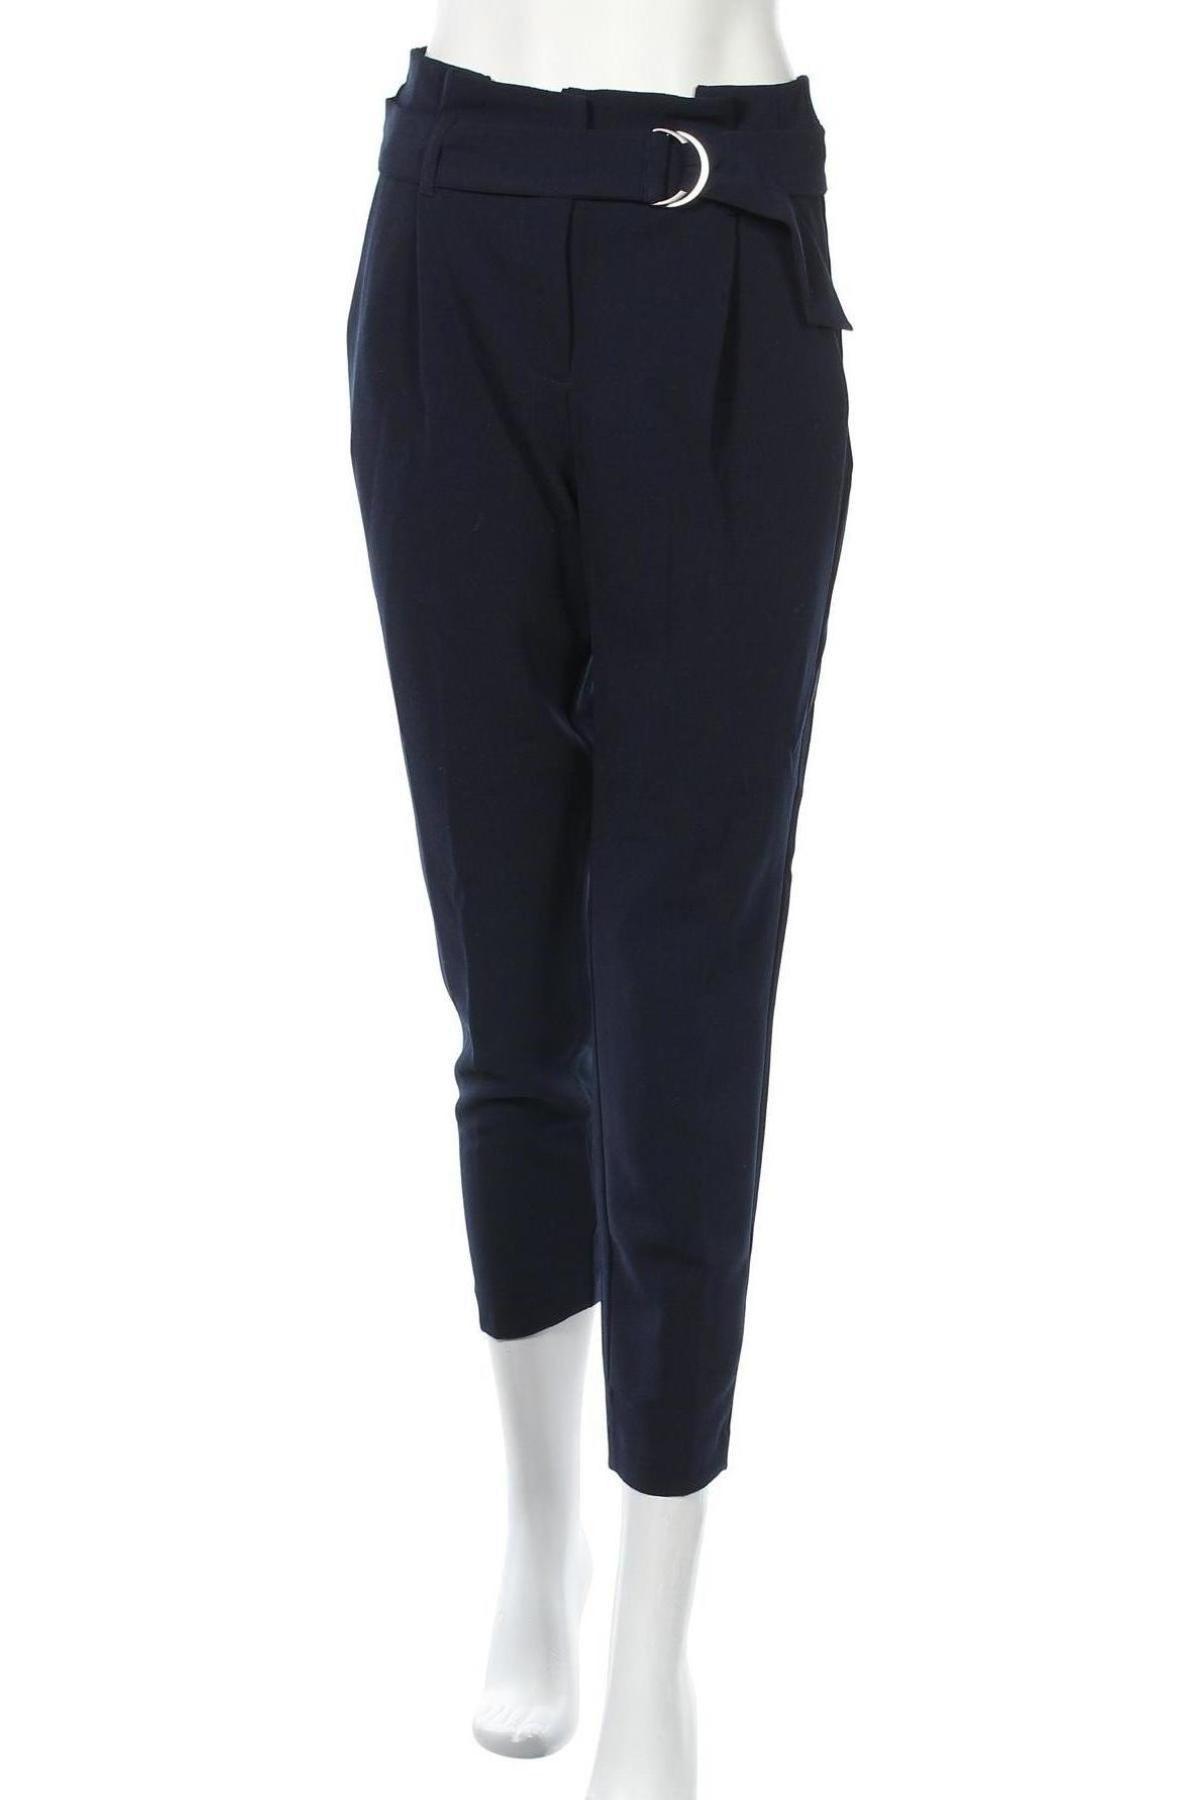 Дамски панталон ONLY, Размер S, Цвят Син, 97% полиестер, 3% еластан, Цена 16,22лв.